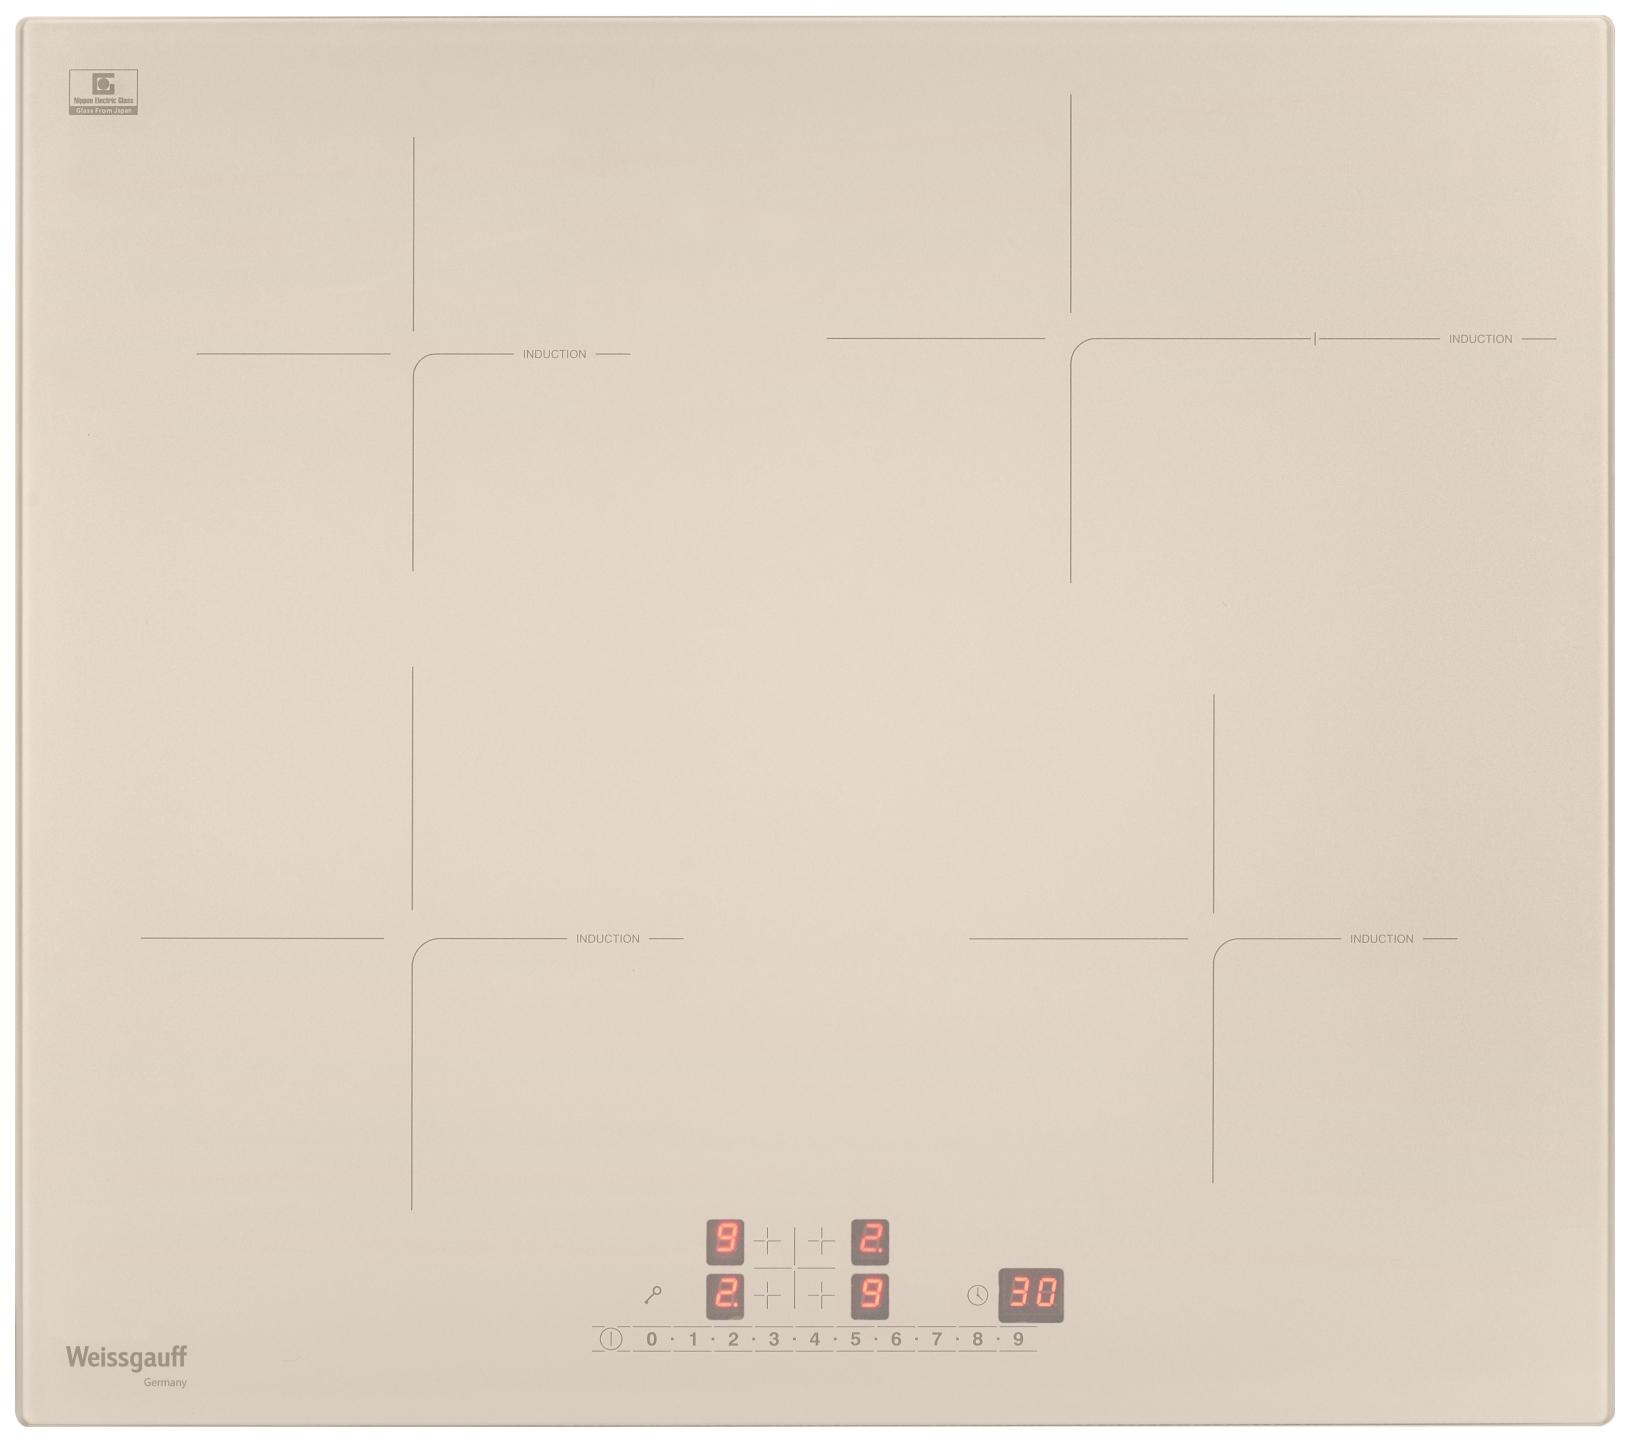 Встраиваемая варочная панель индукционная Weissgauff HI 641 GS Beige фото